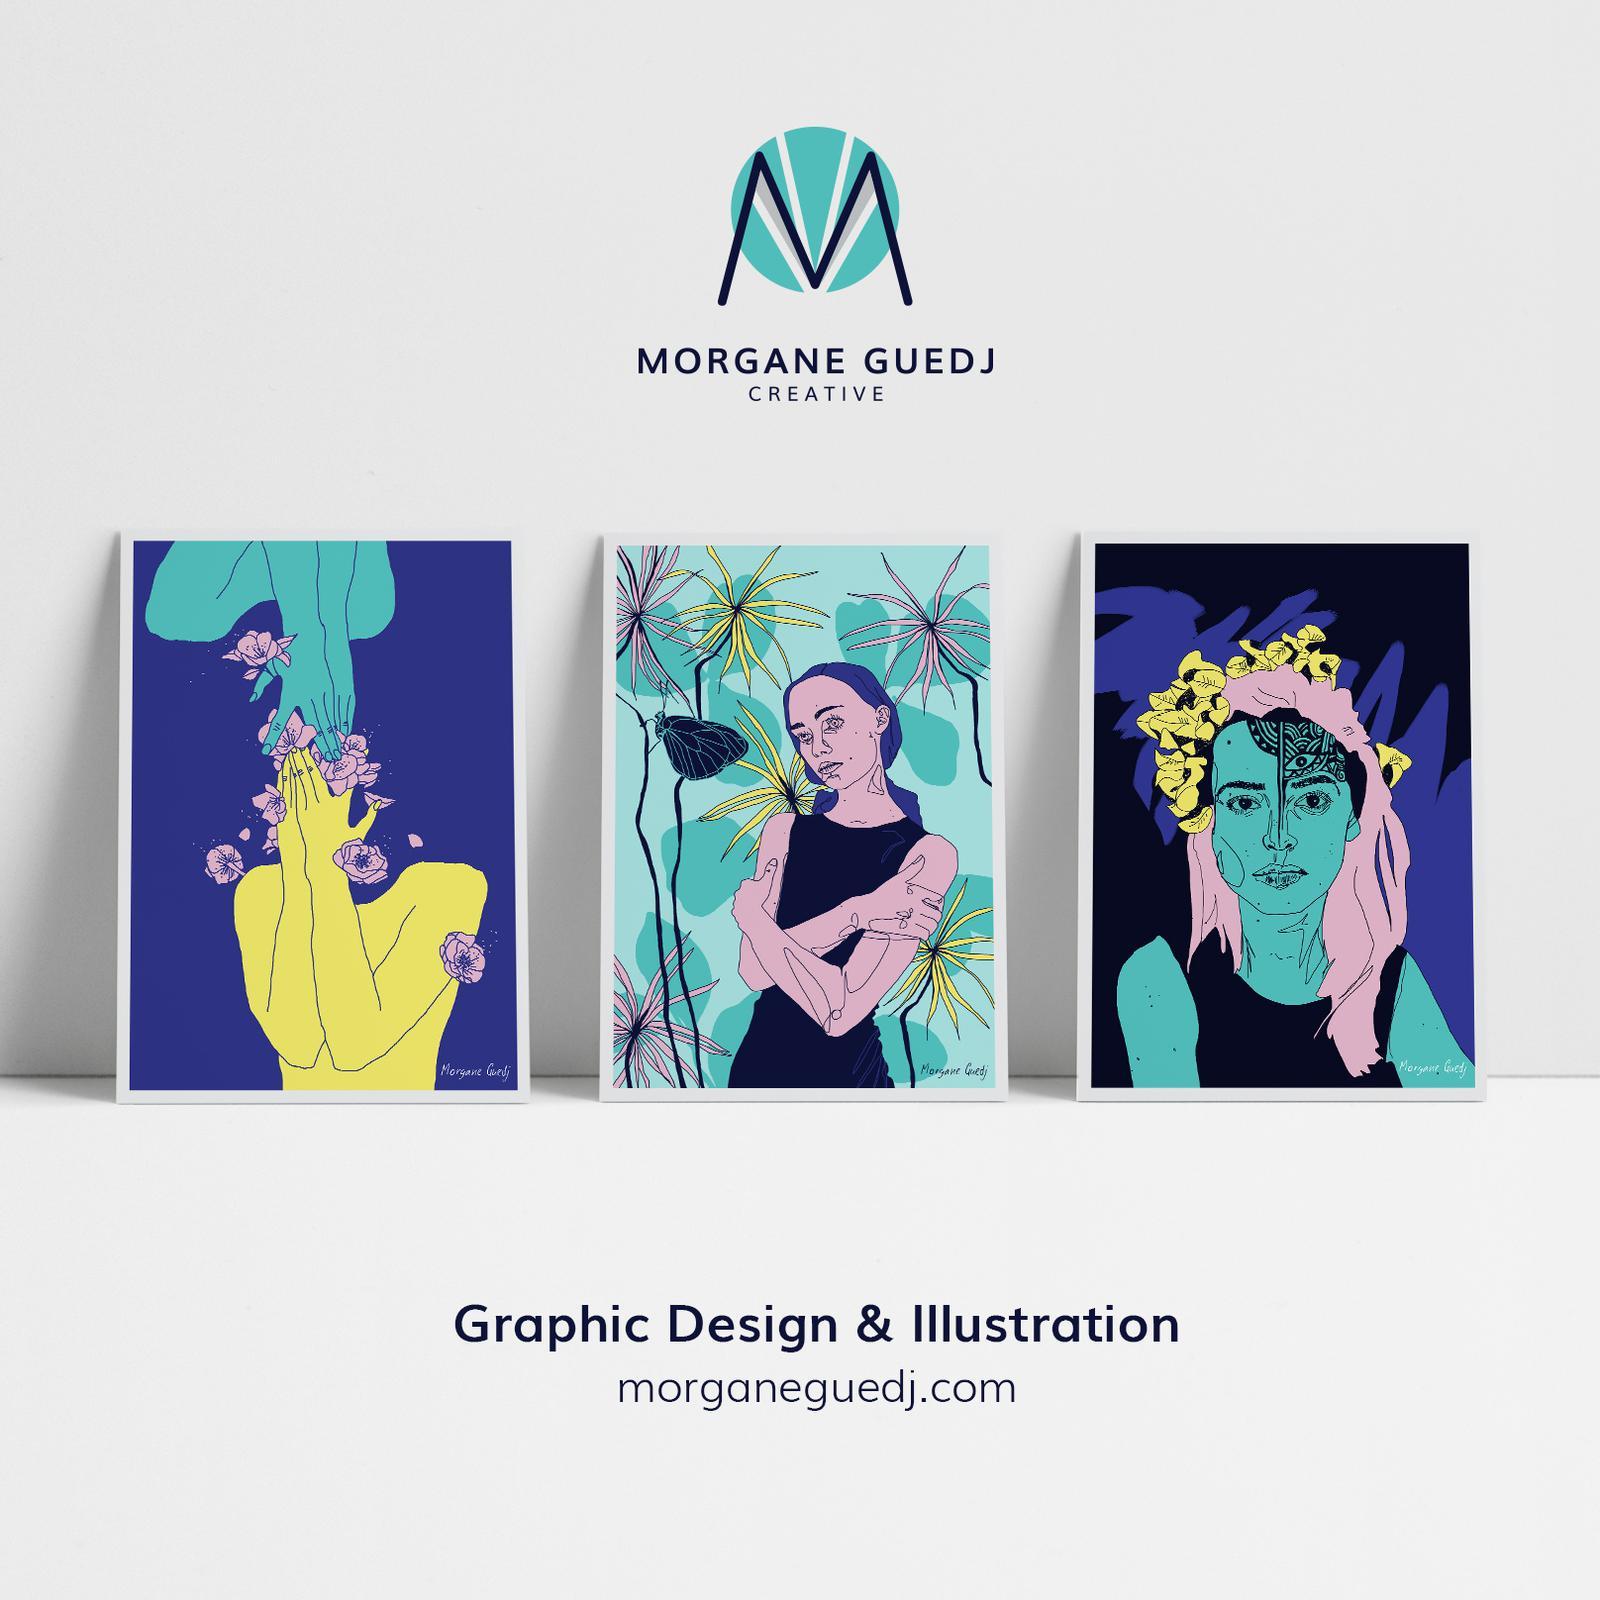 Morgane Guedj Creative presentation